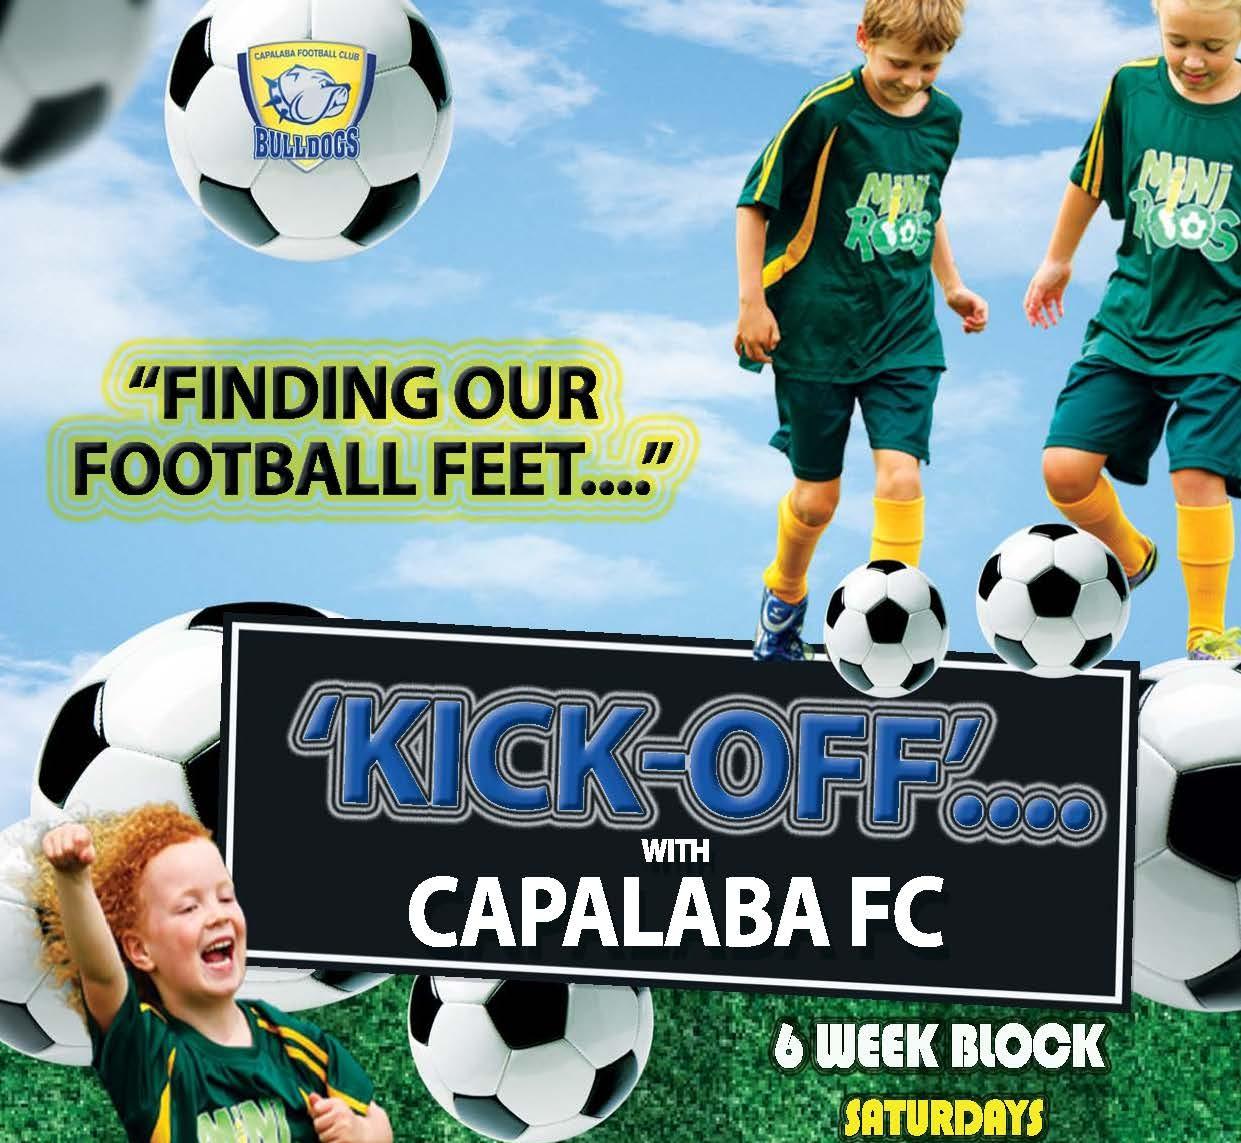 Capalaba FC KickOff Program 2017 Rd3 Final Flyer.jpg